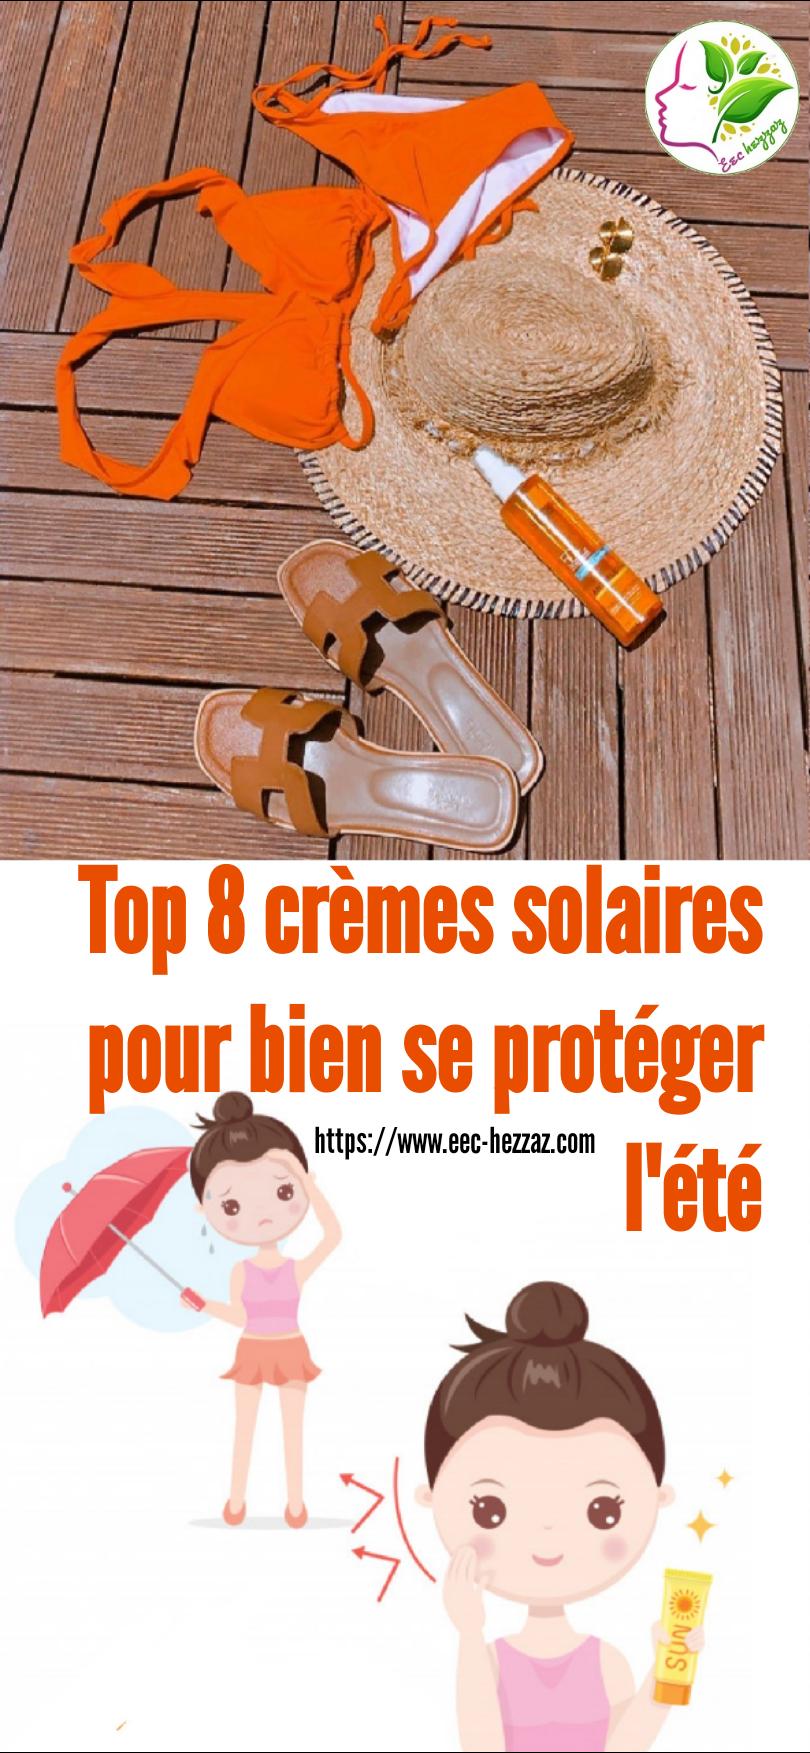 Top 8 crèmes solaires pour bien se protéger l'été